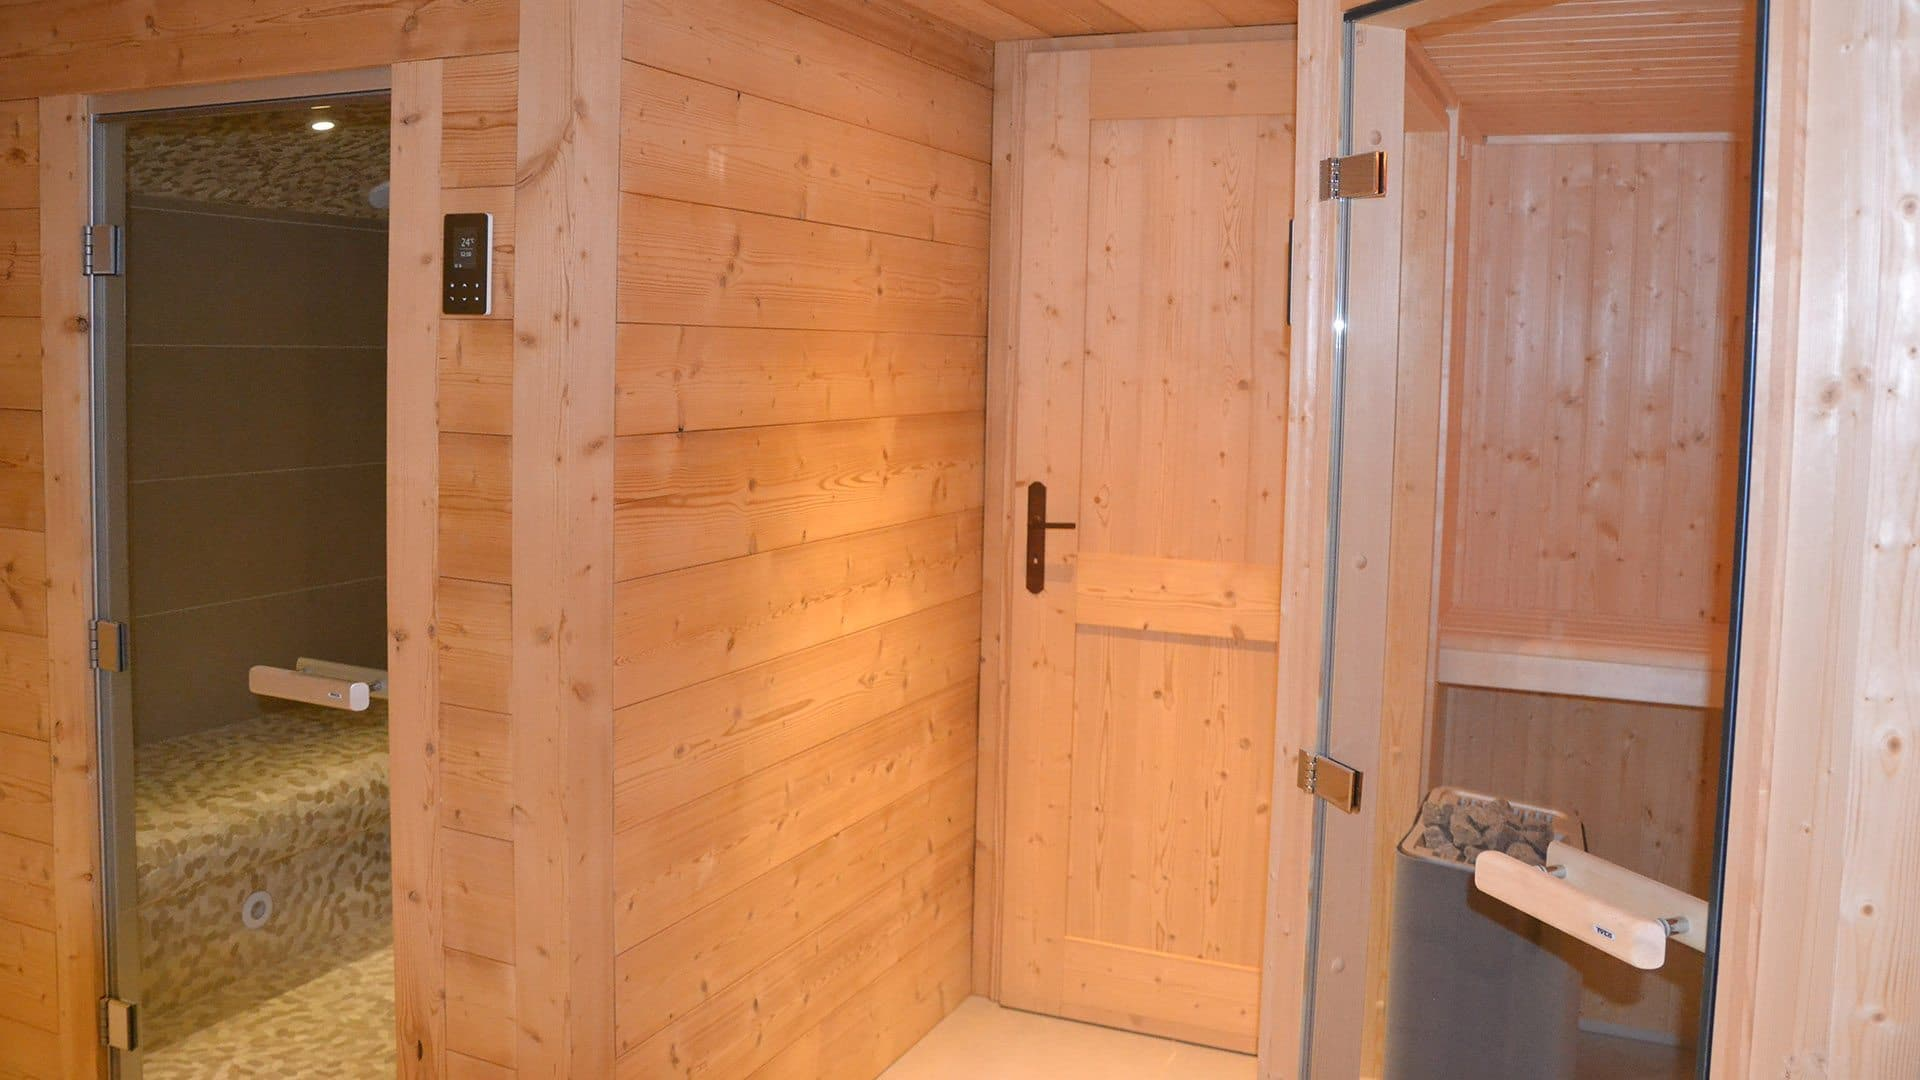 Hammam et sauna nordique france id es piscine for Piscine hammam sauna